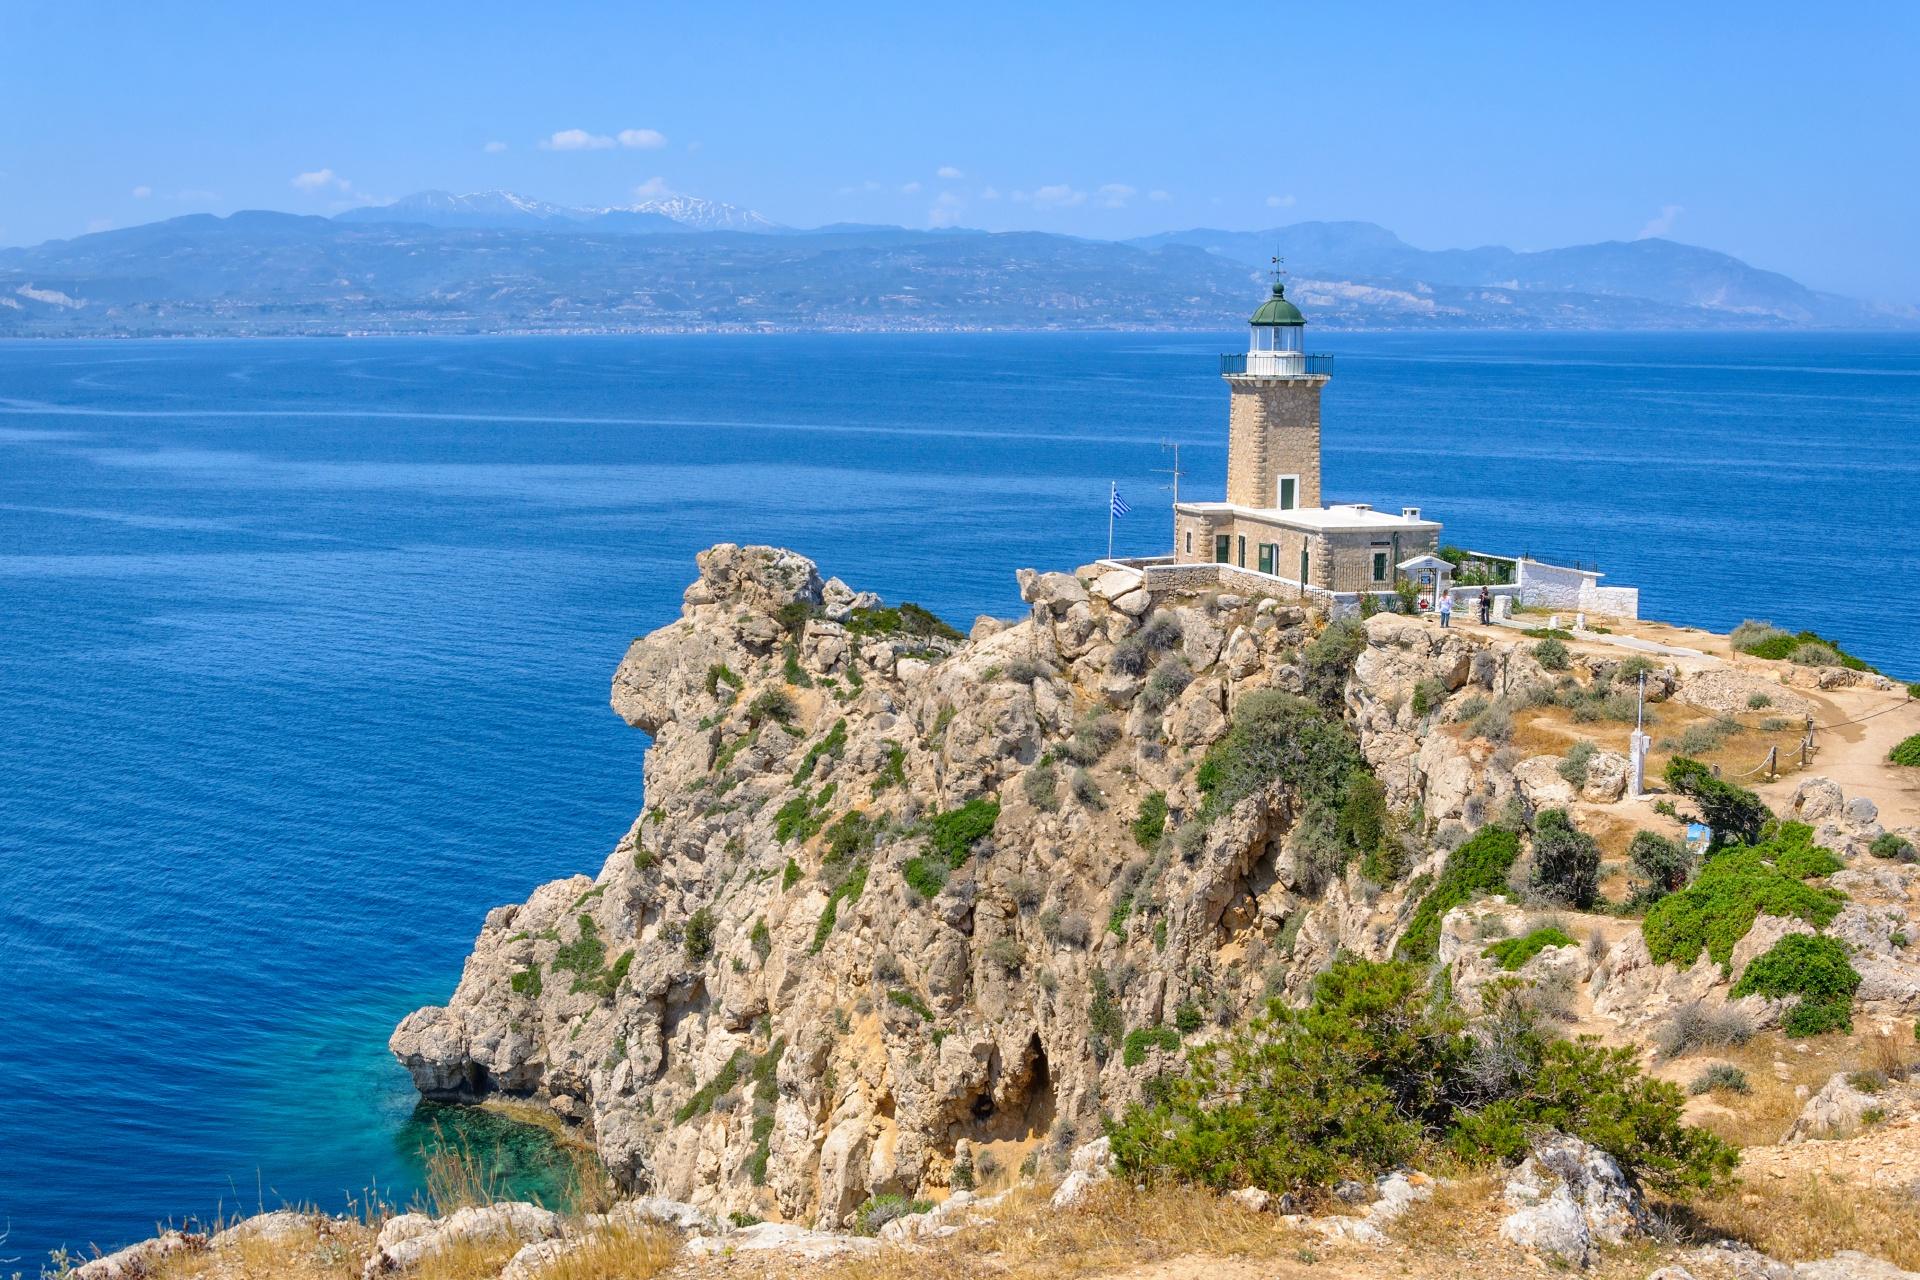 コリント湾の風景 ギリシャの風景